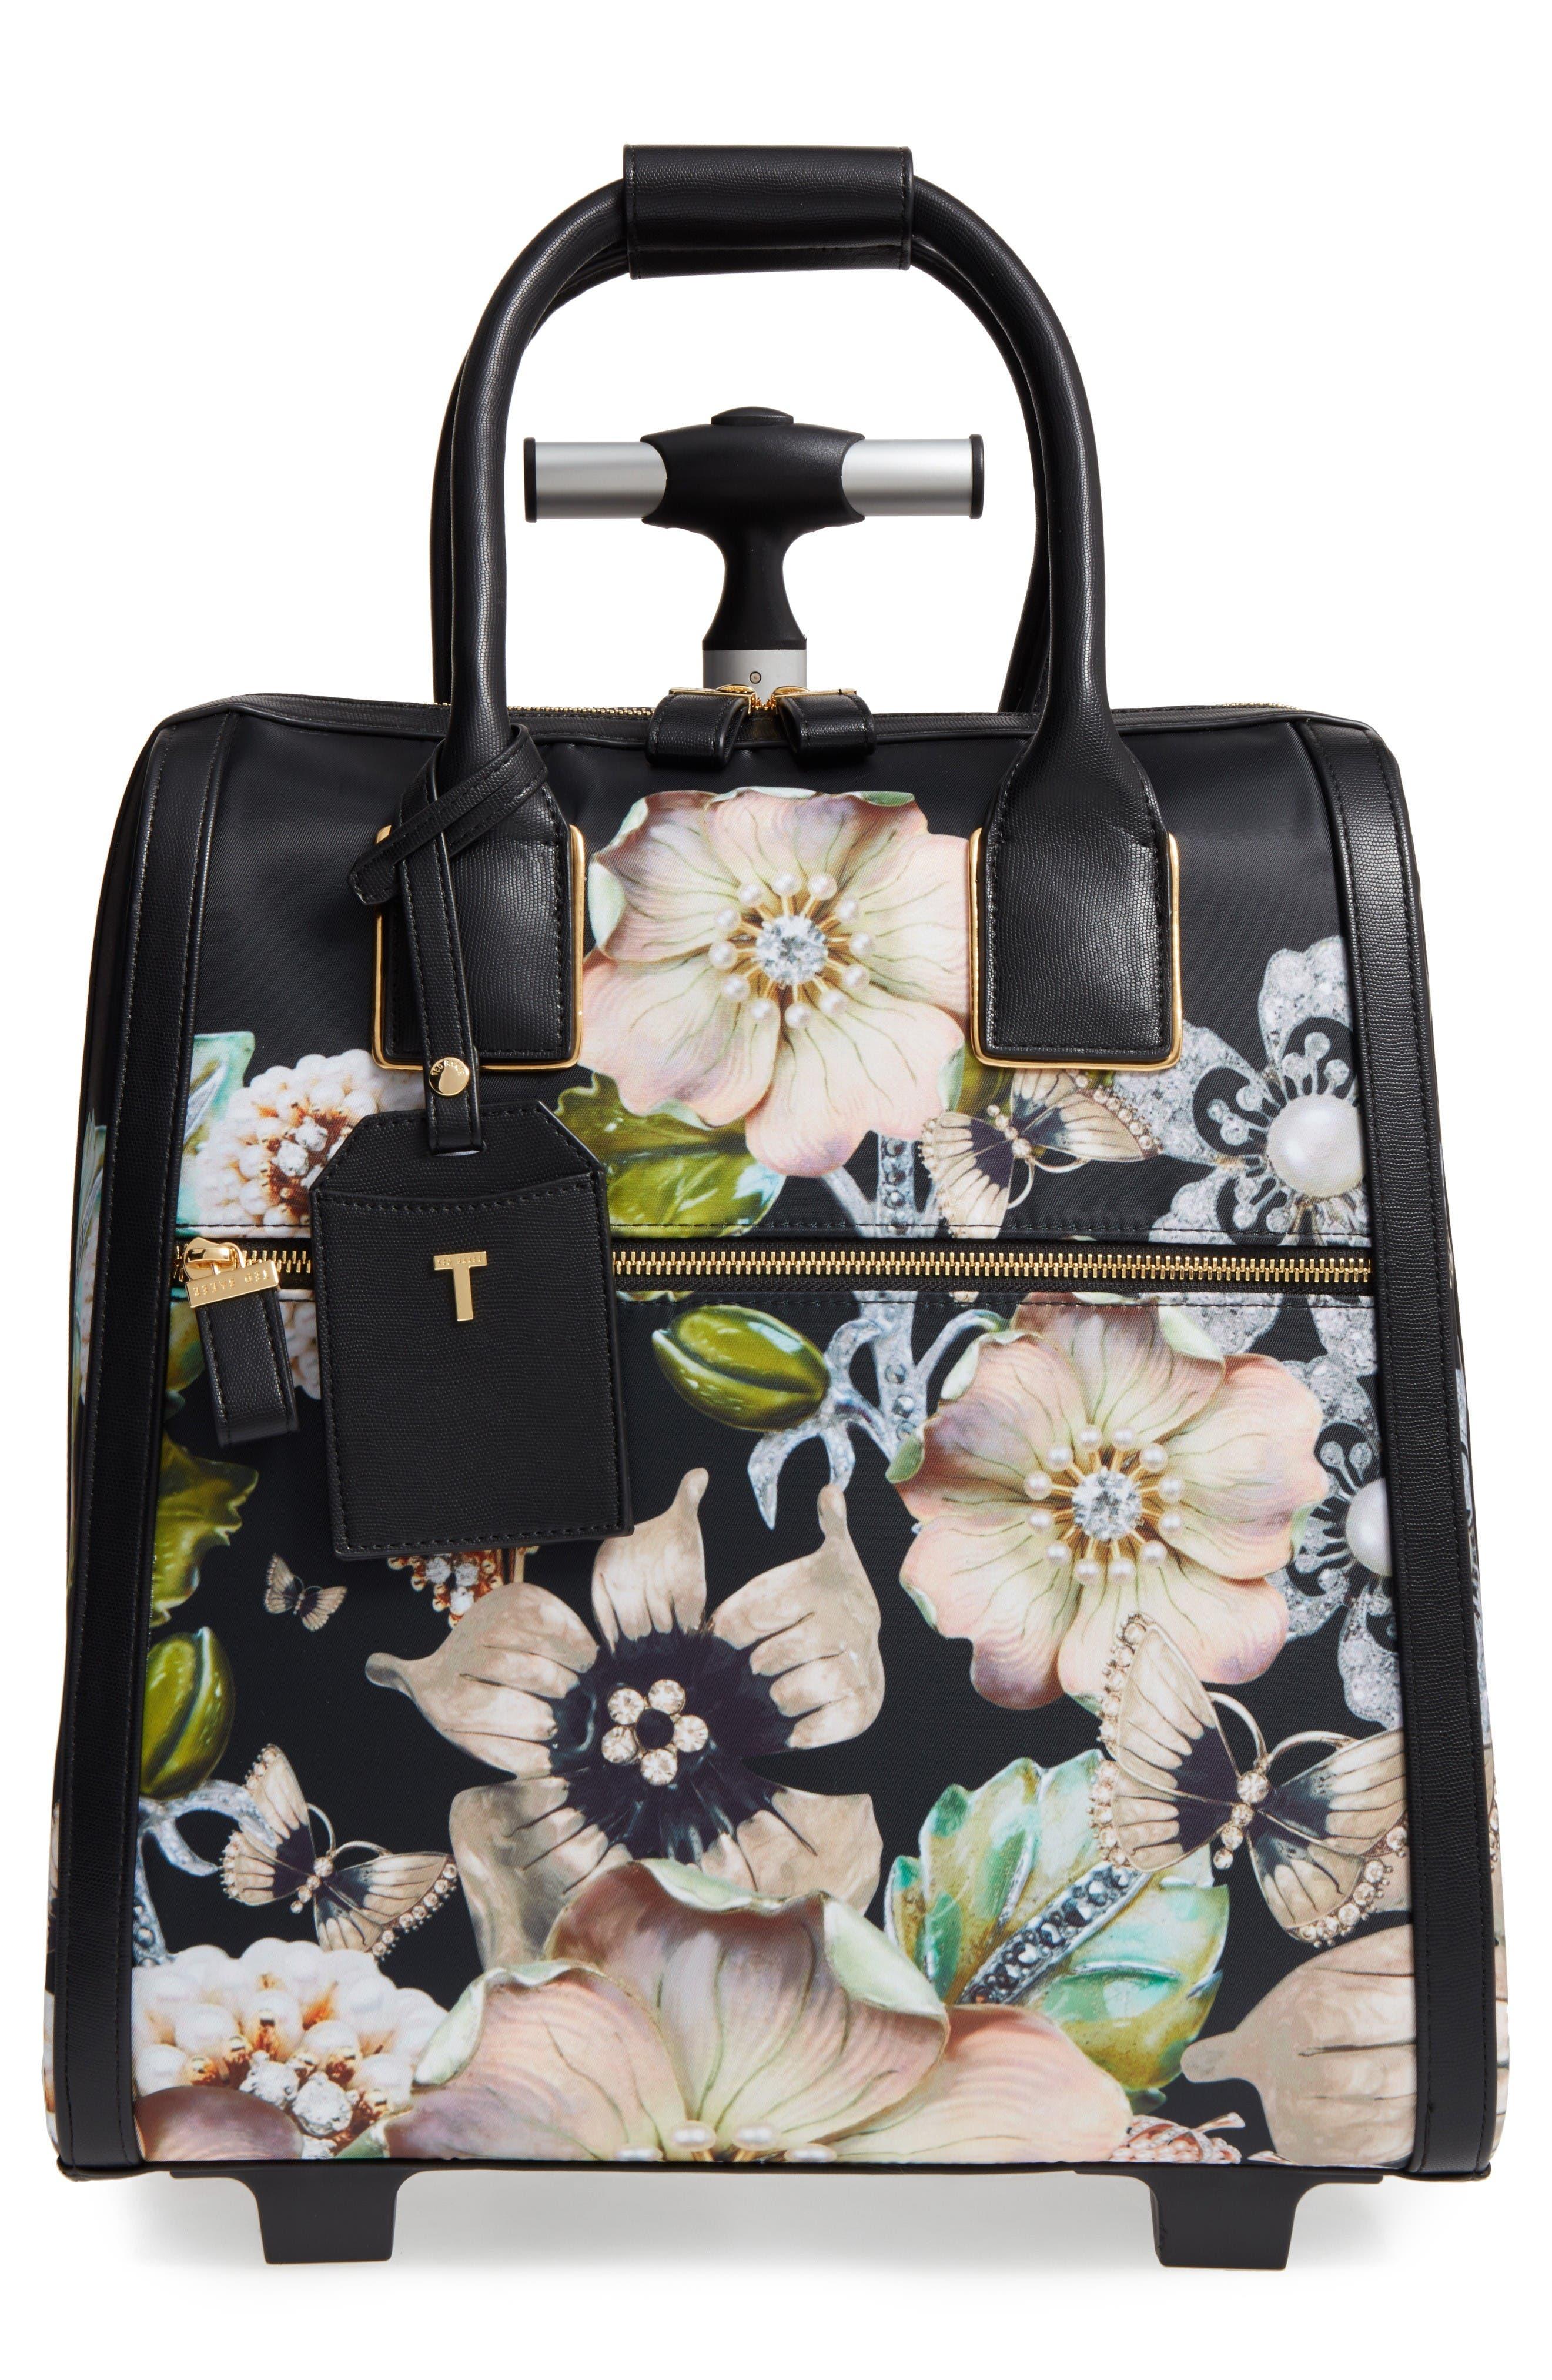 Alternate Image 1 Selected - Ted Baker London Inez Gem Gardens Two-Wheel Travel Bag (16 Inch)